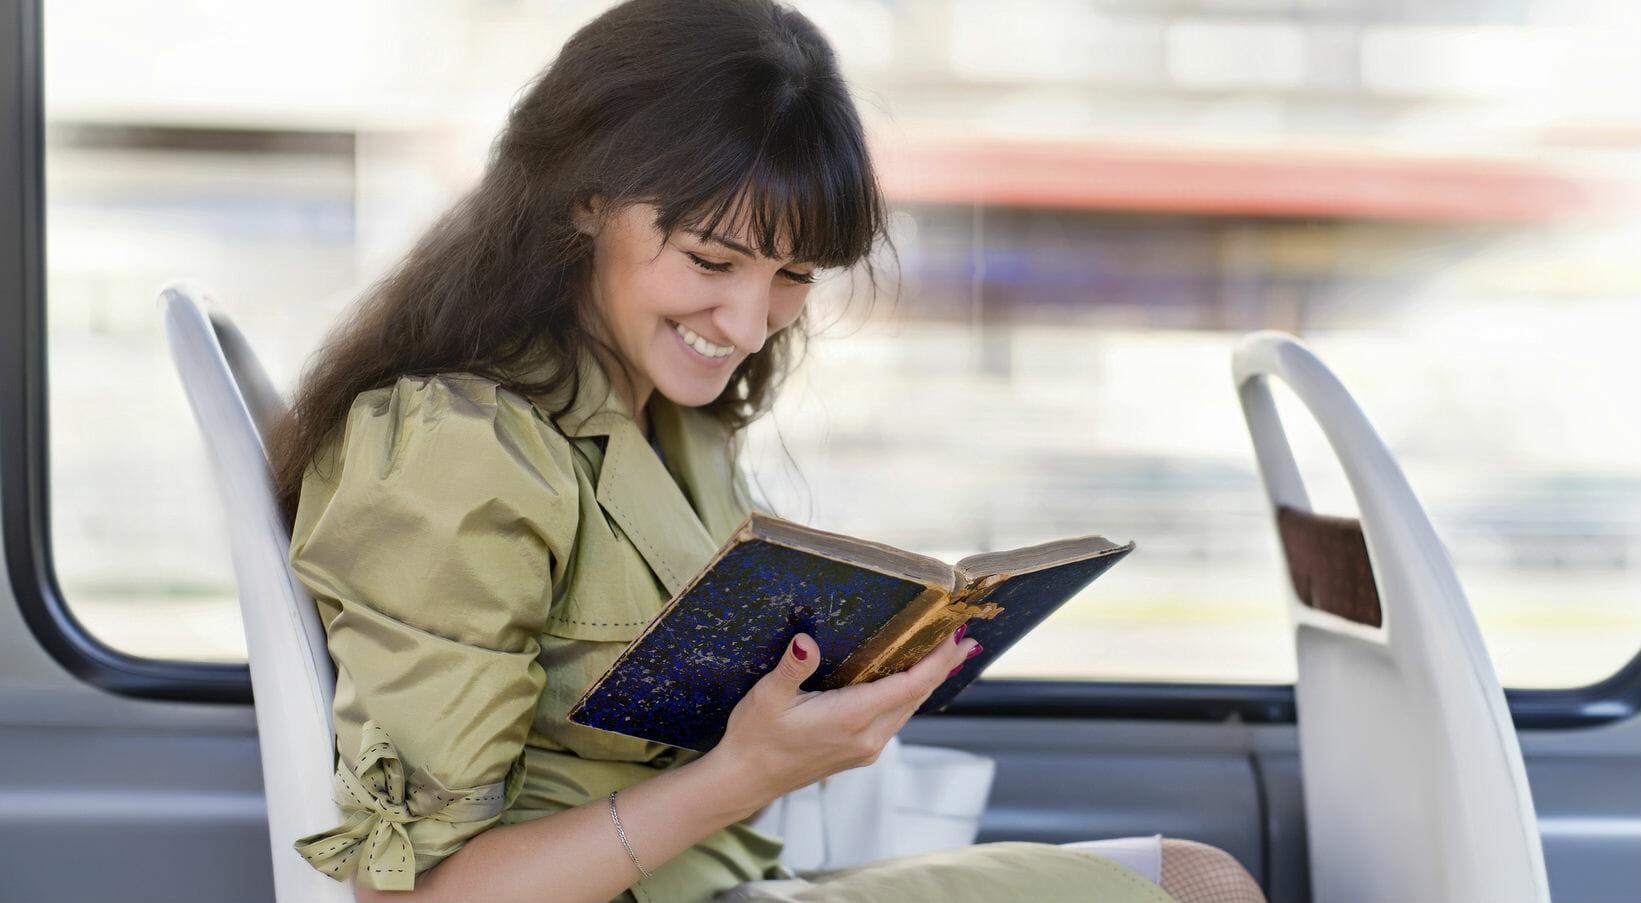 lettrice leggere libri libro treno bus